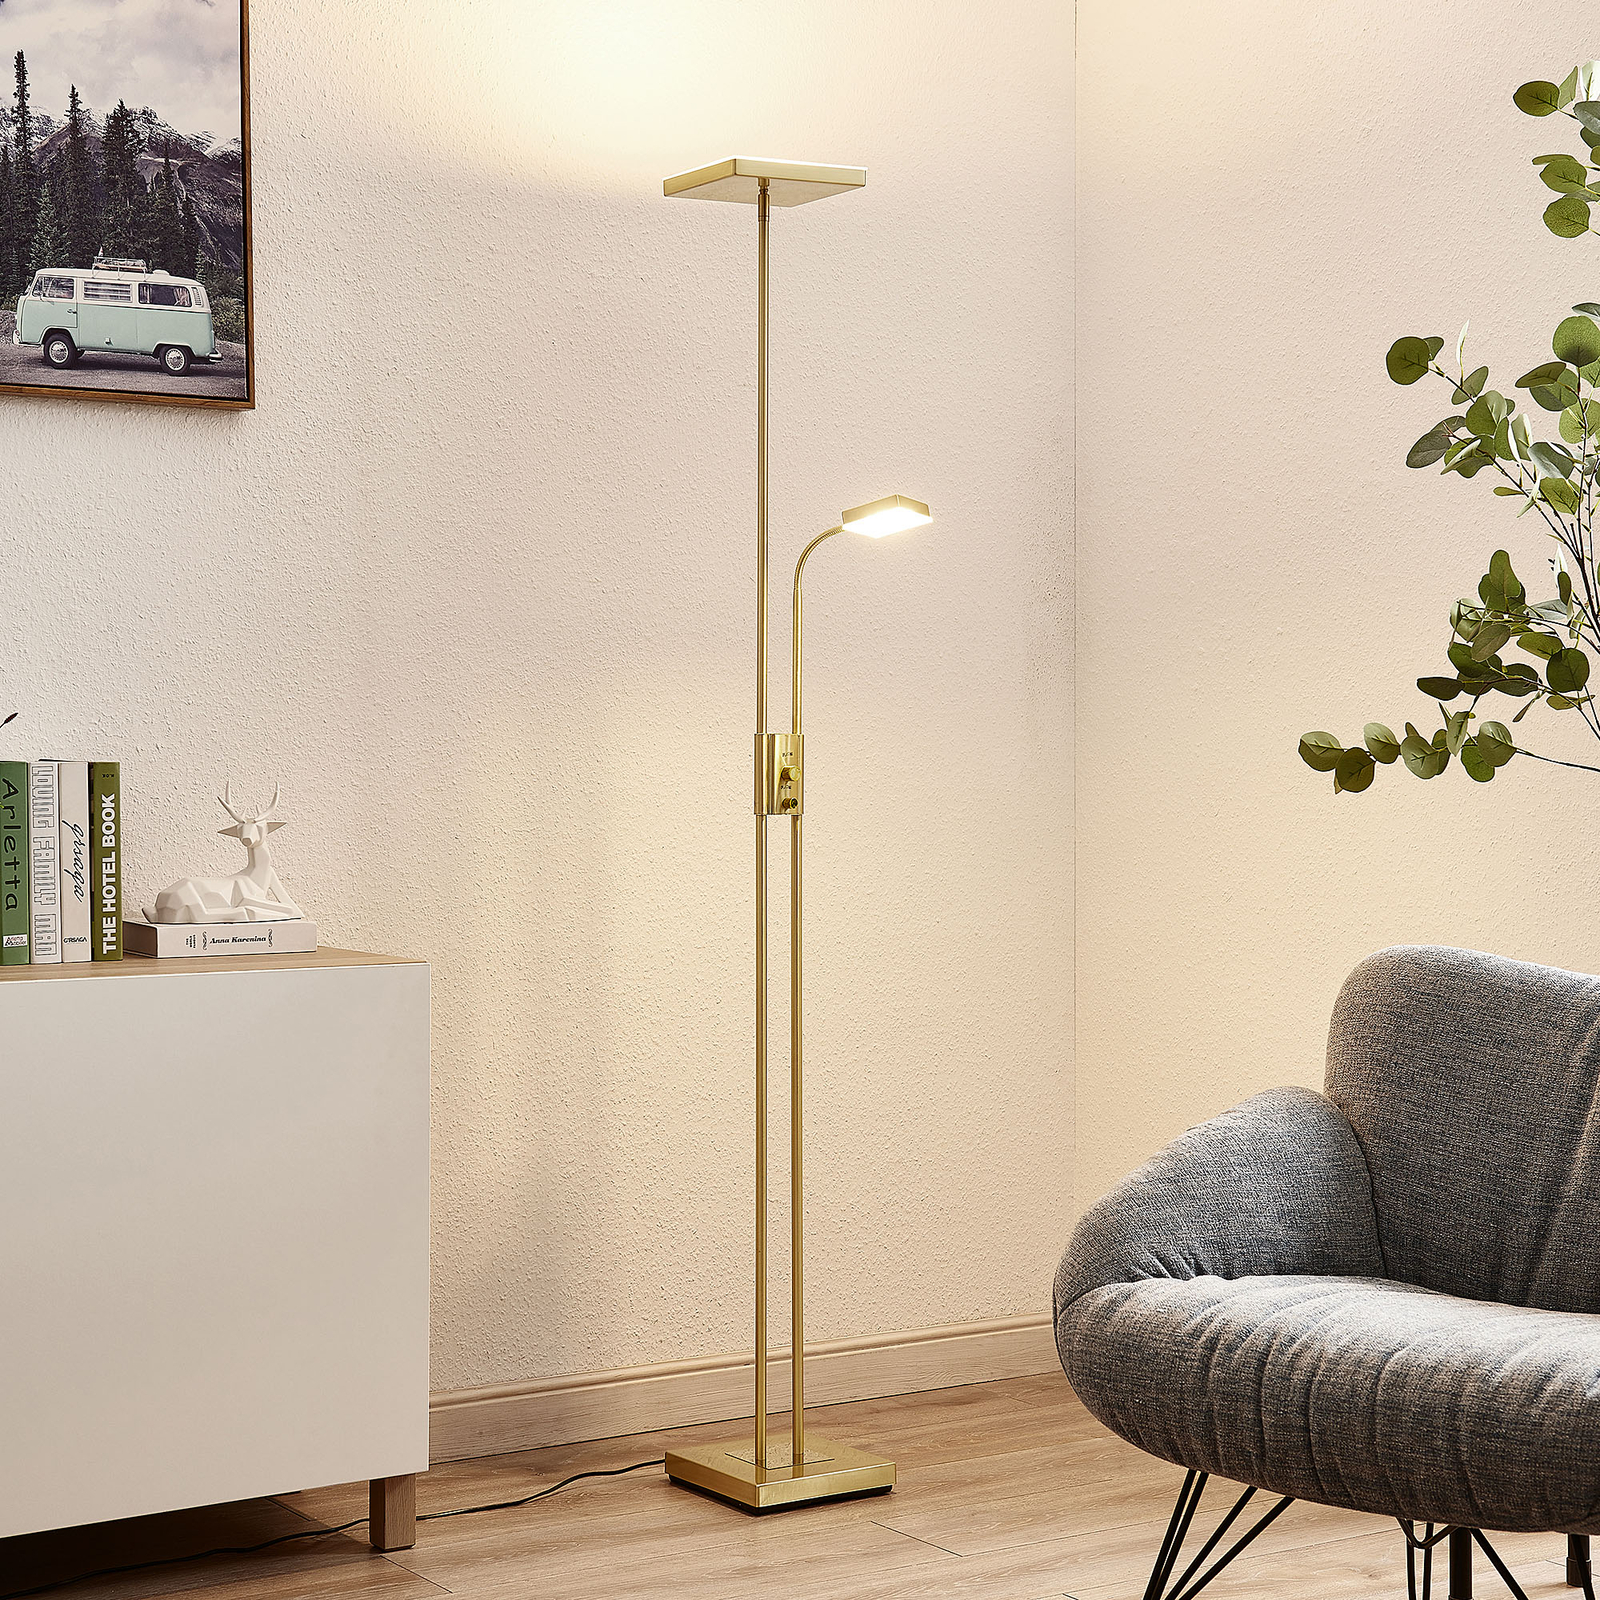 Lindby Seppa LED-golvlampa, kantig, mässing